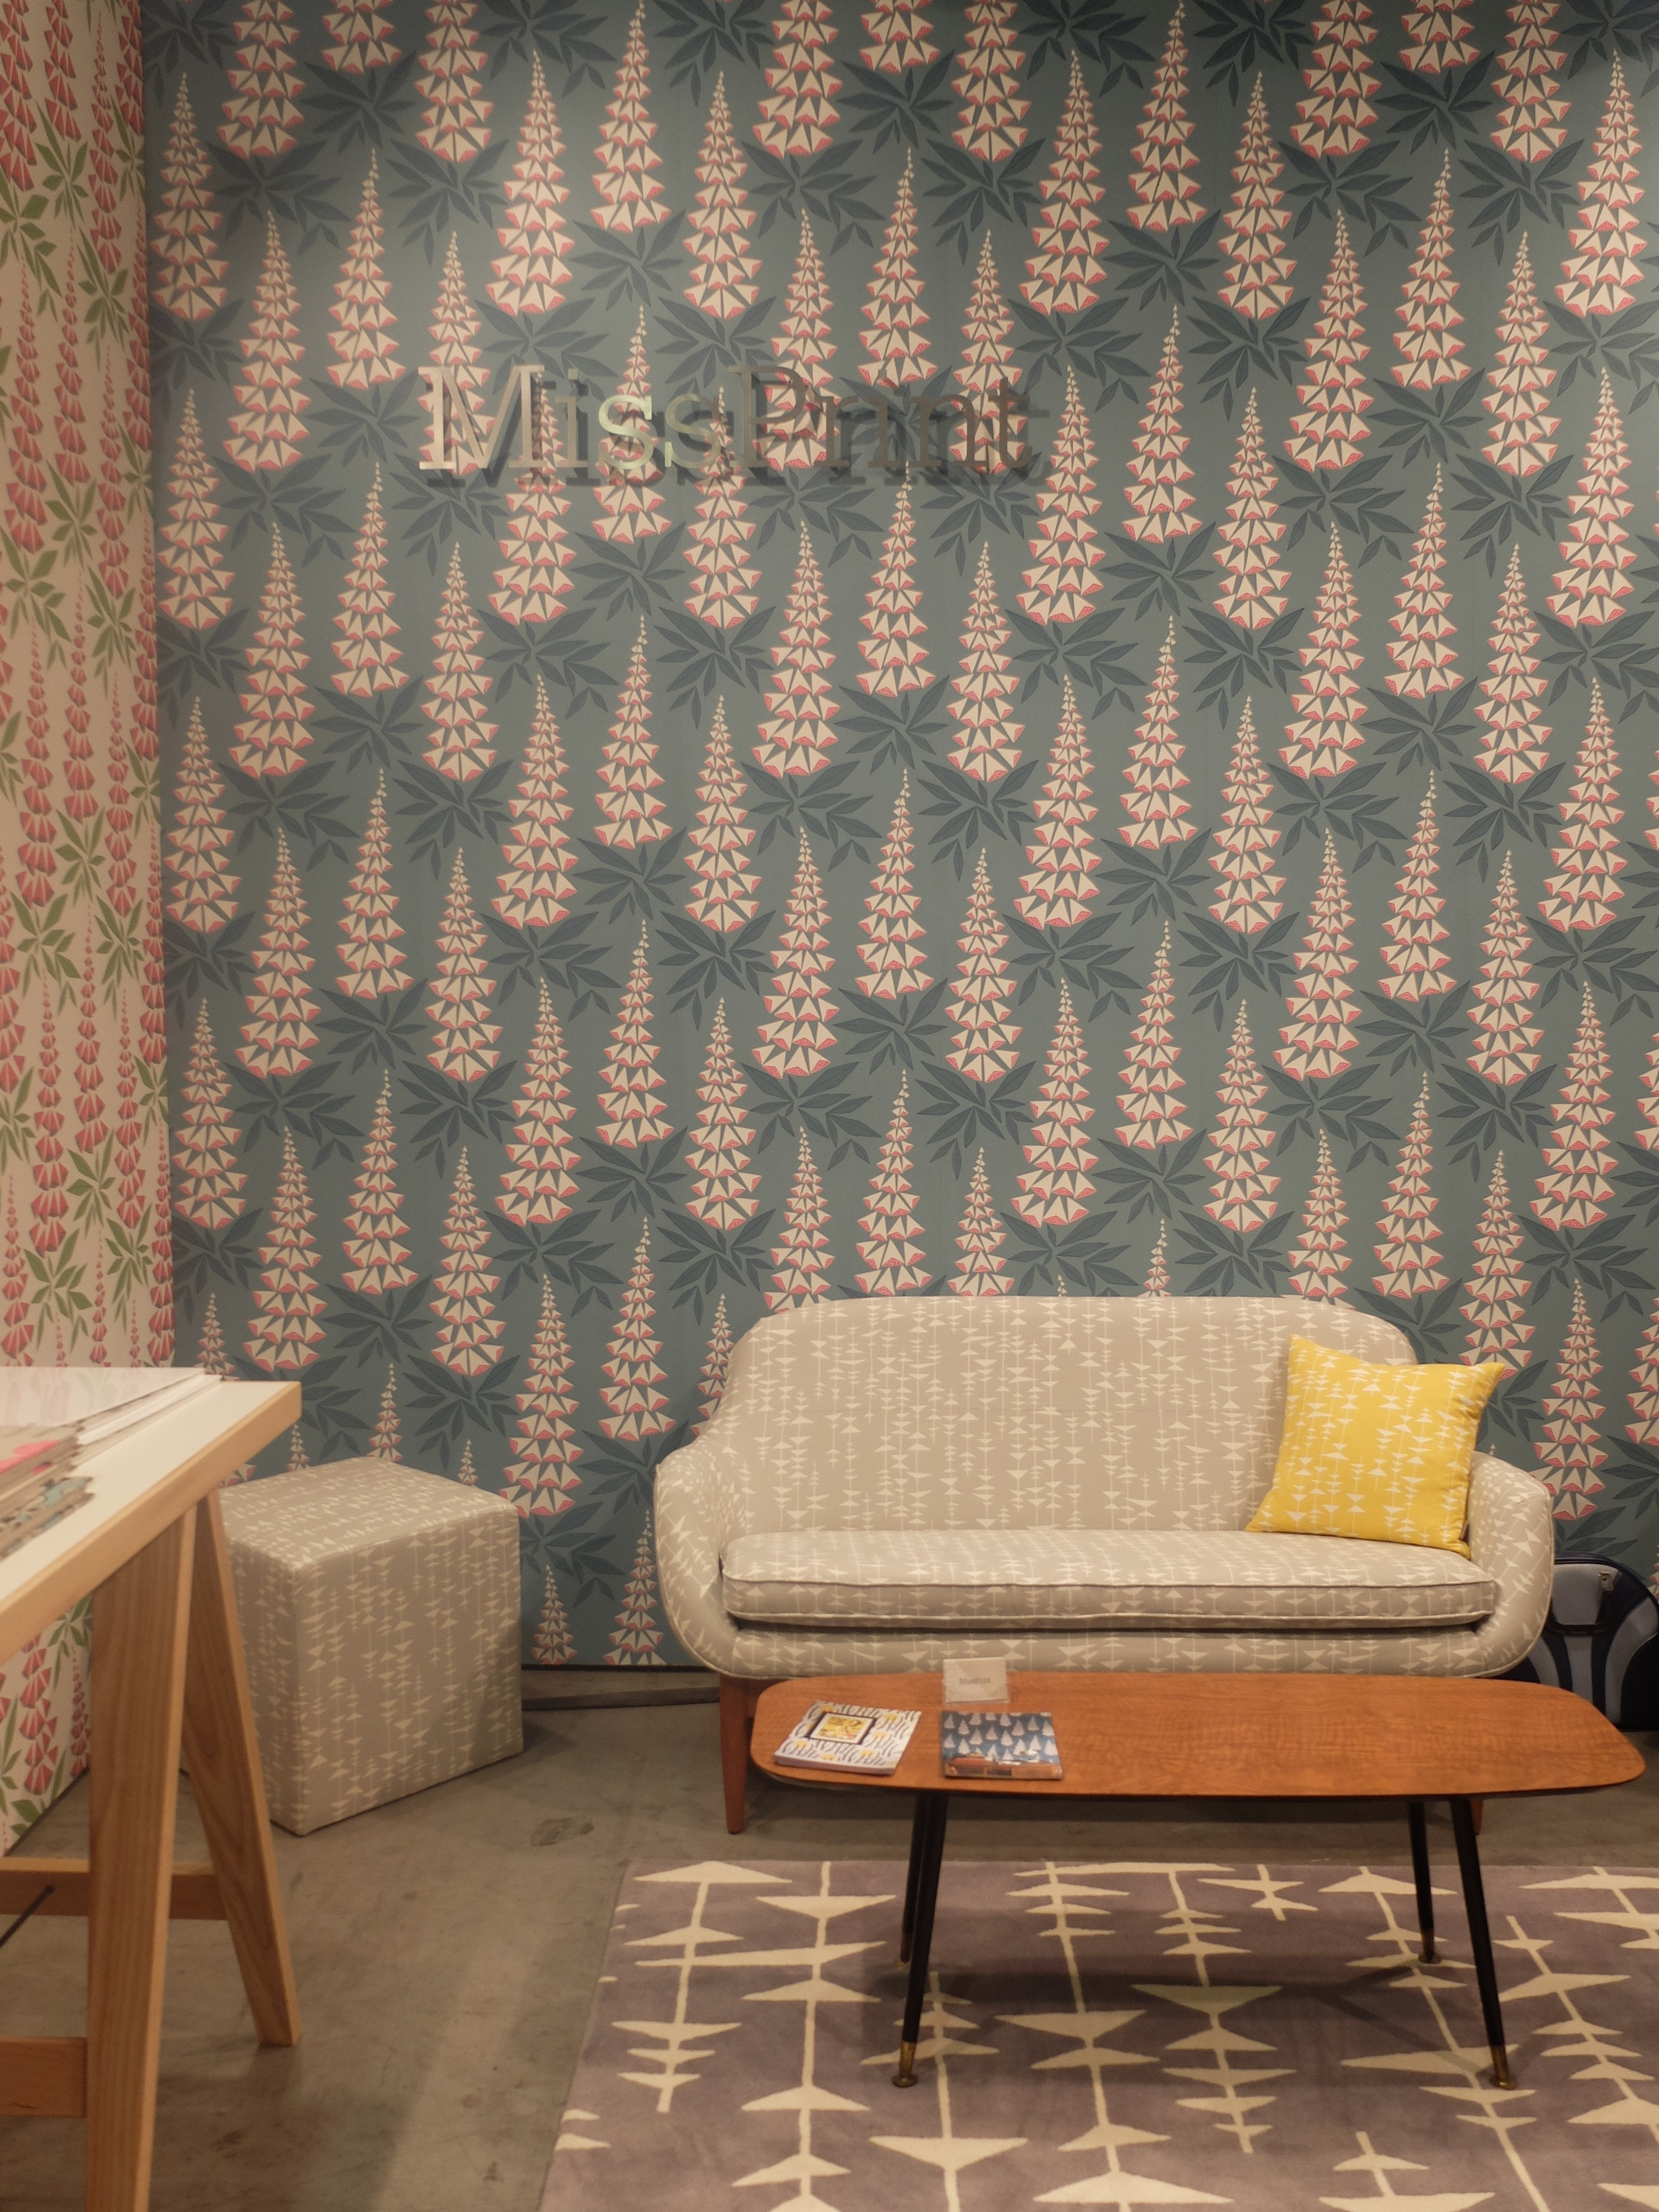 Englische Tapeten handwerkskunst statt massenware home